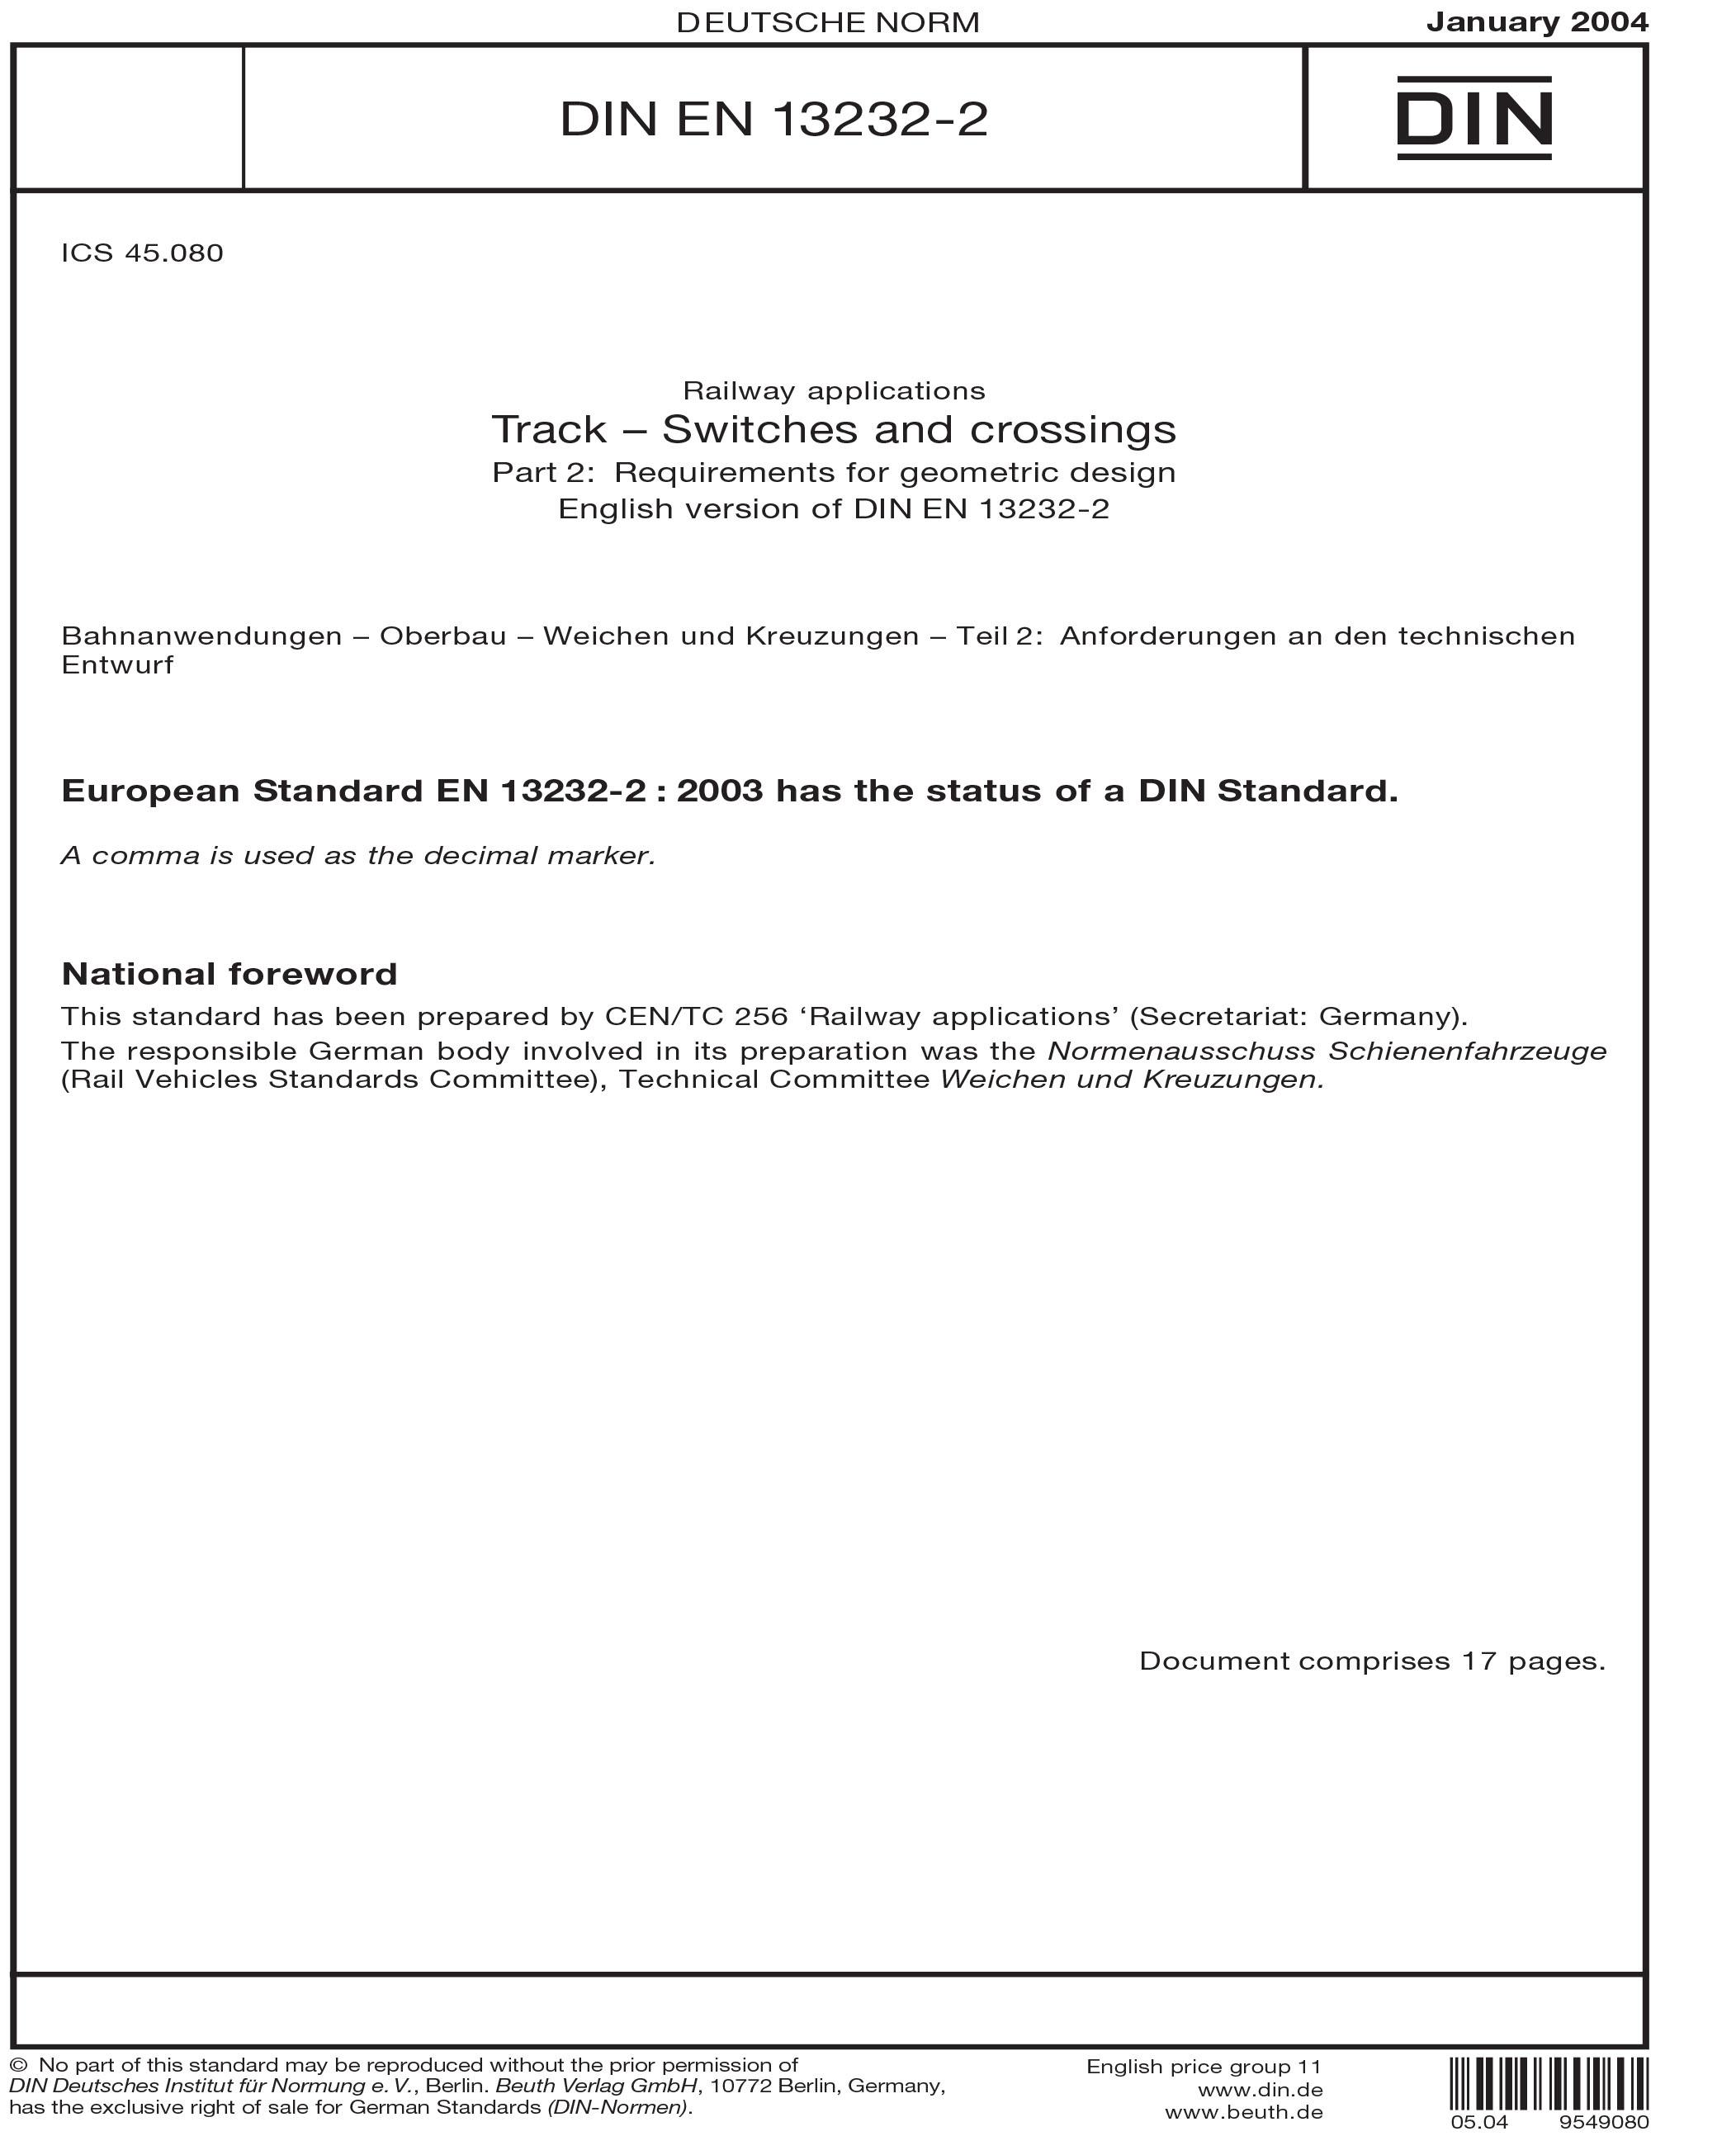 DIN EN 13232-2:2004